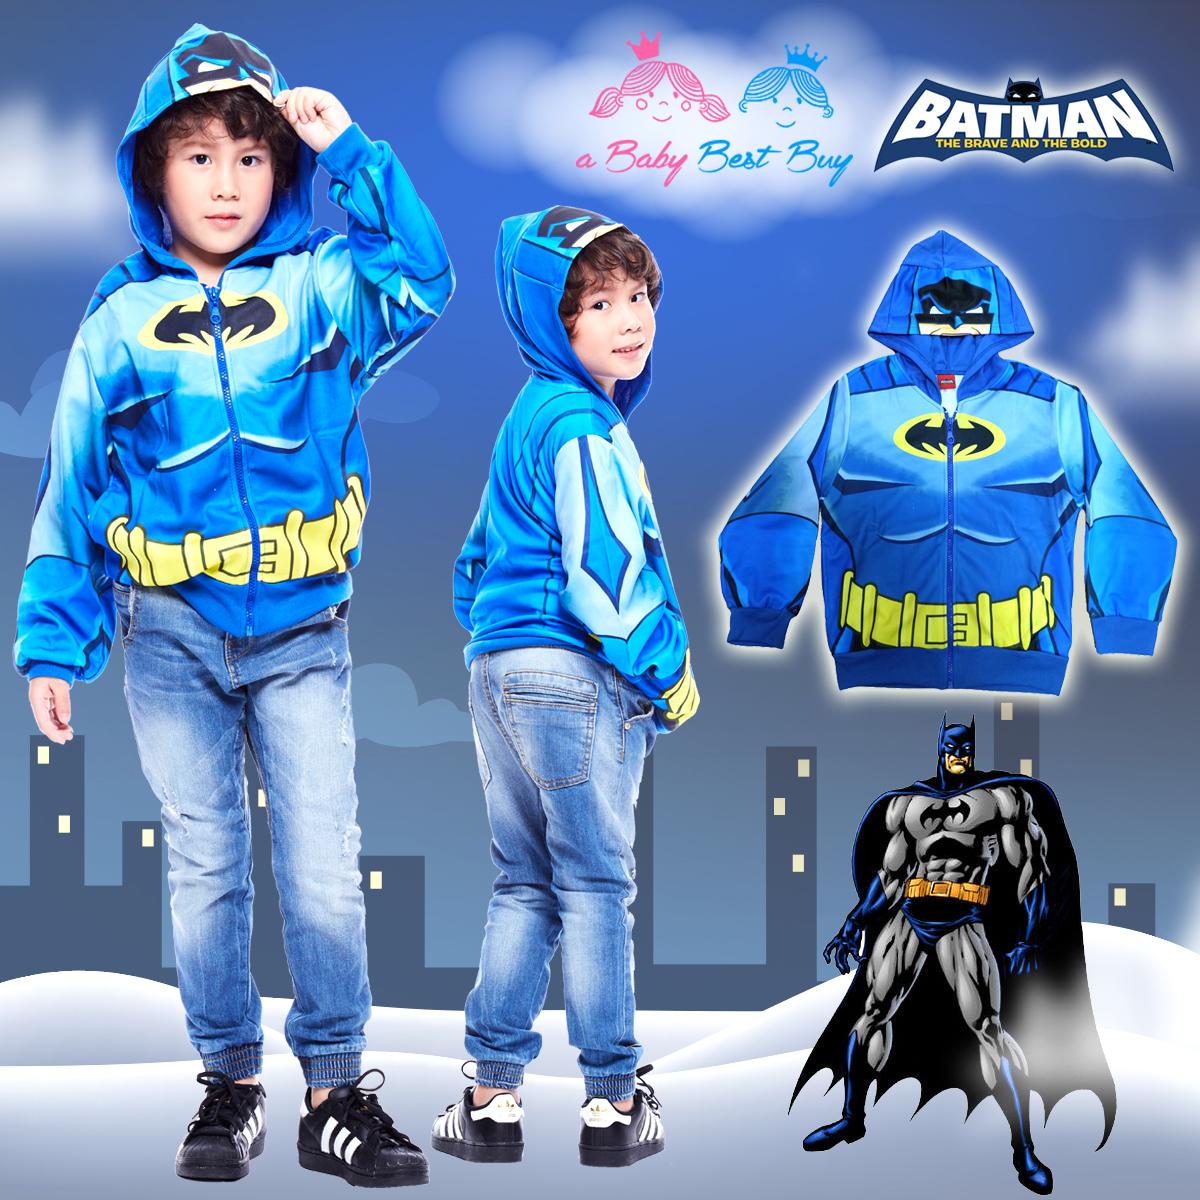 """"""" S-M-L-XL """" เสื้อแจ็คเก็ต เสื้อกันหนาว เด็กผู้ชาย เสื้อกันหนาวเด็ก BAT MAN รูดซิป มีหมวก(ฮู้ด)สกรีนหน้า BAT MAN ใส่คลุมกันหนาว กันแดด สุดเท่ห์ ใส่สบาย ลิขสิทธิ์แท้ (ไซส์ S-M-L-XL )"""